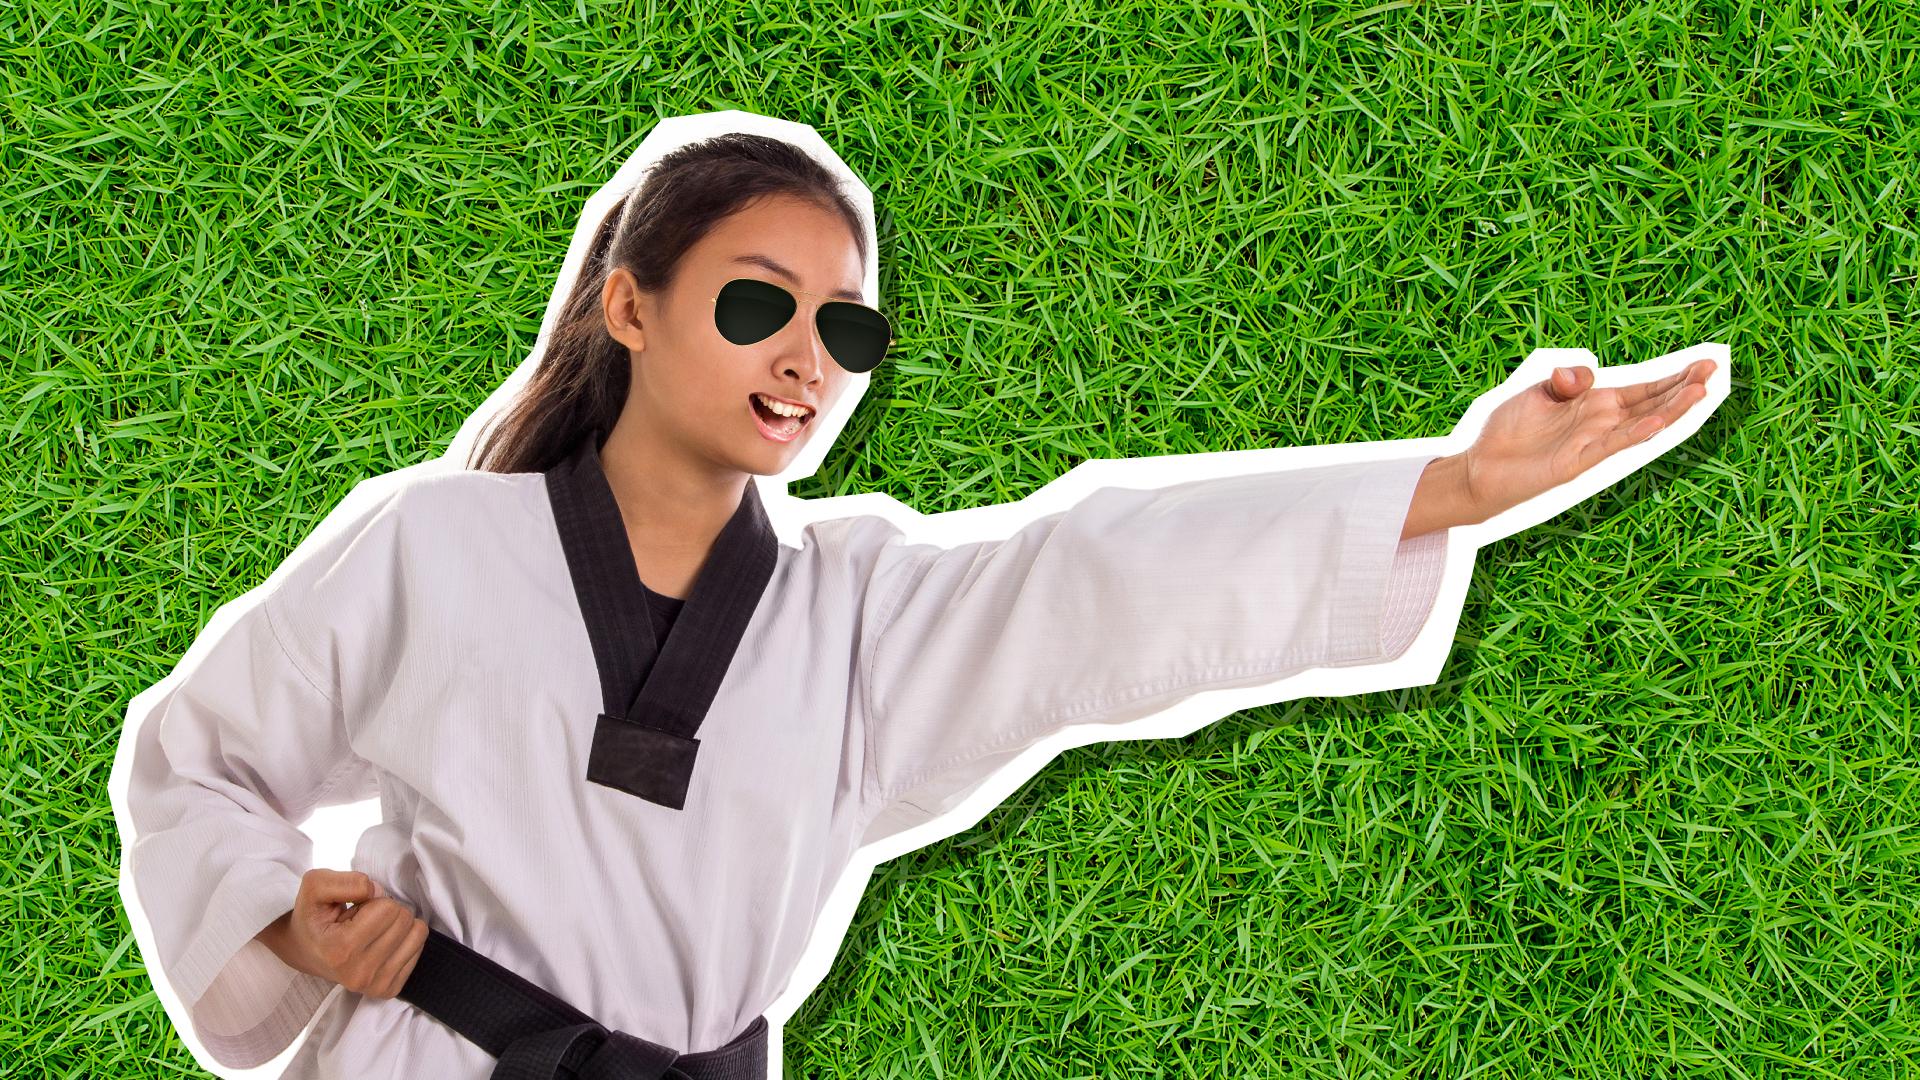 A karate expert doing a chop